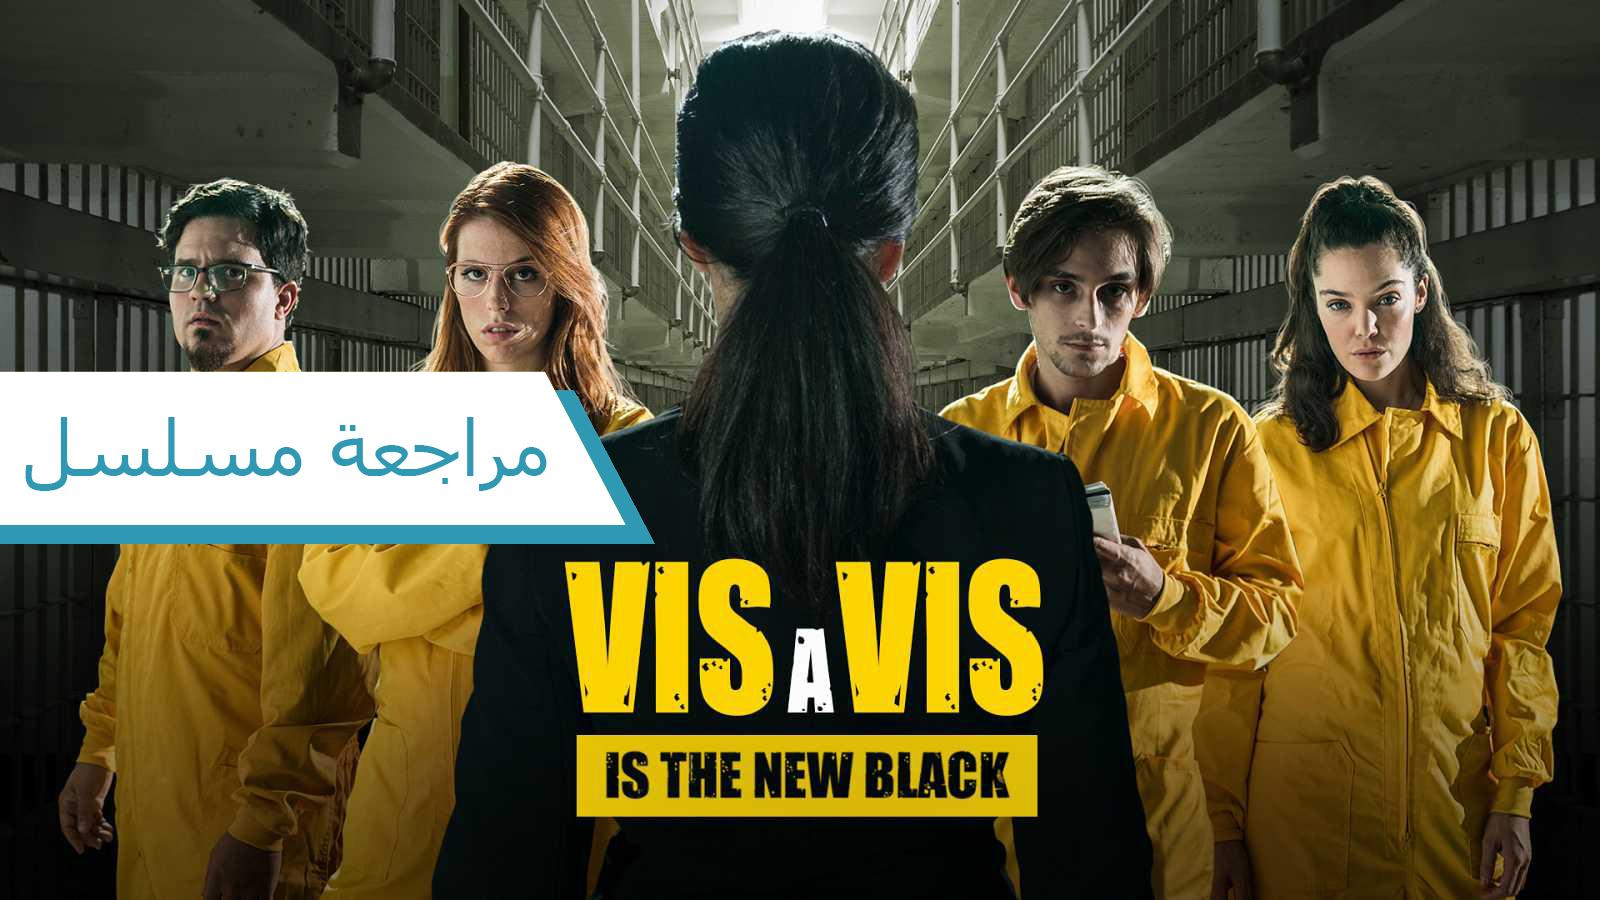 مسلسل Vis A Vis وملخص القصة دون أي حرق للأحداث سماعة تك